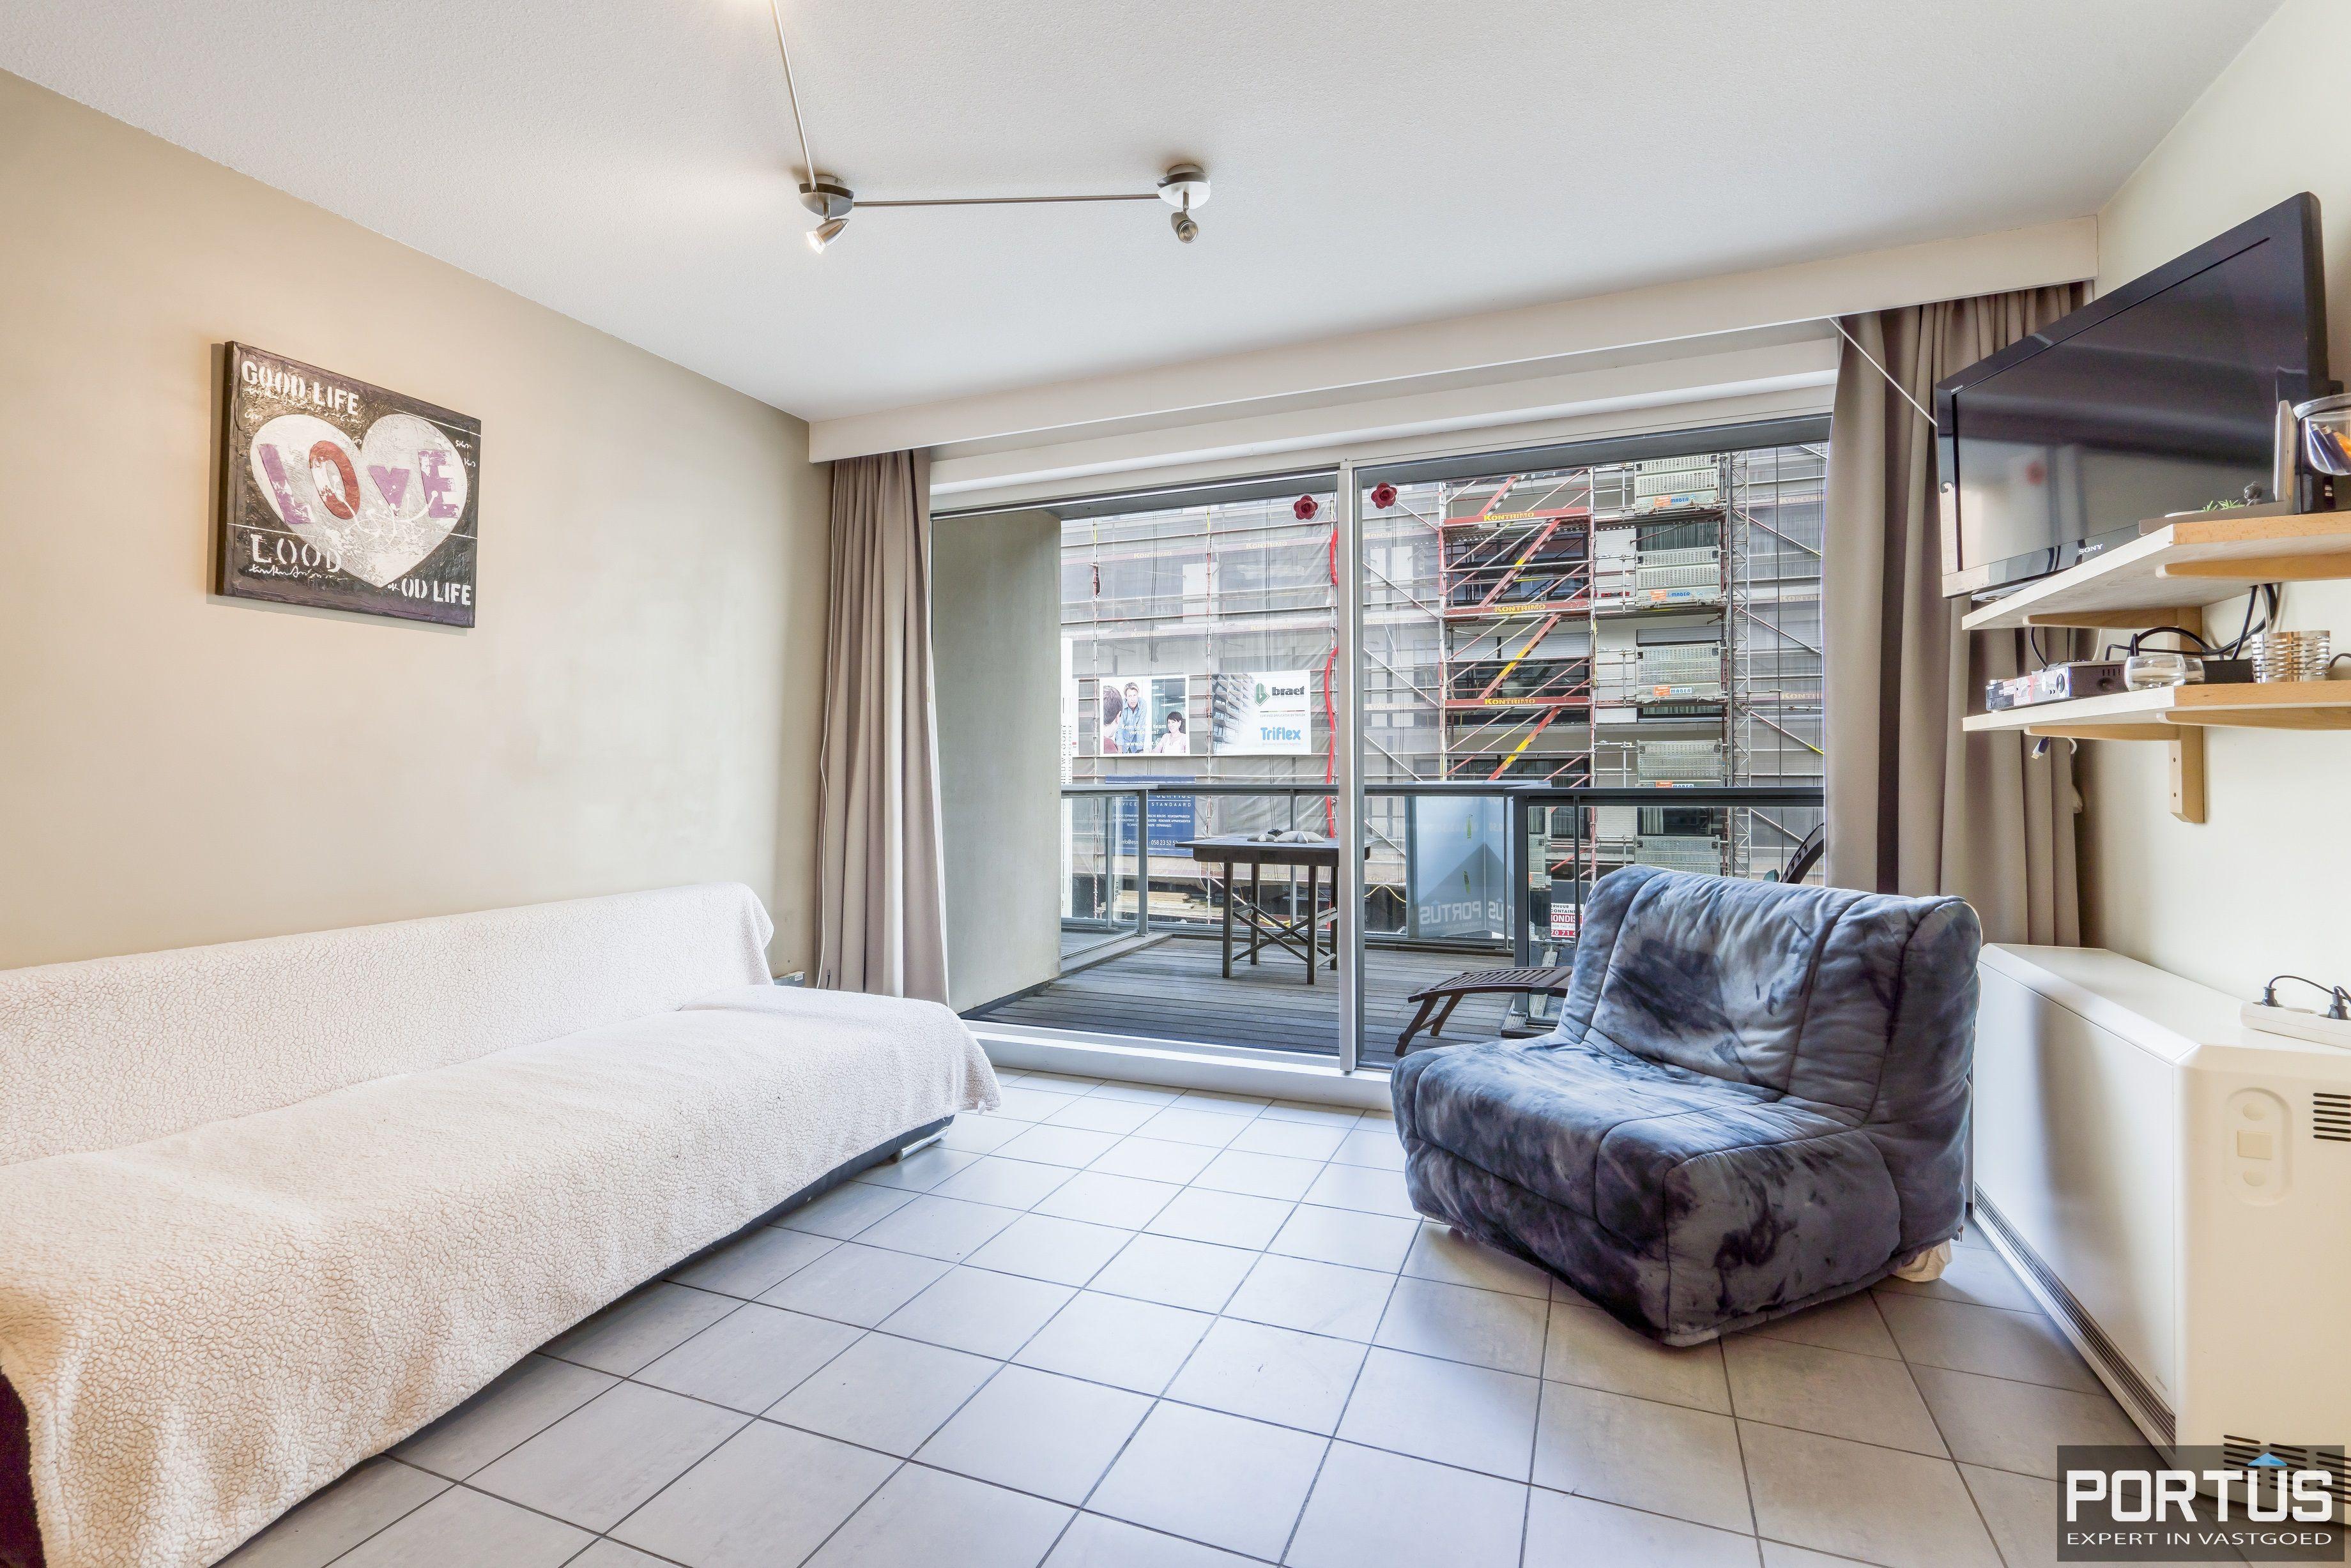 Instapklaar appartement met slaaphoek te koop te Nieuwpoort-Bad - 13011